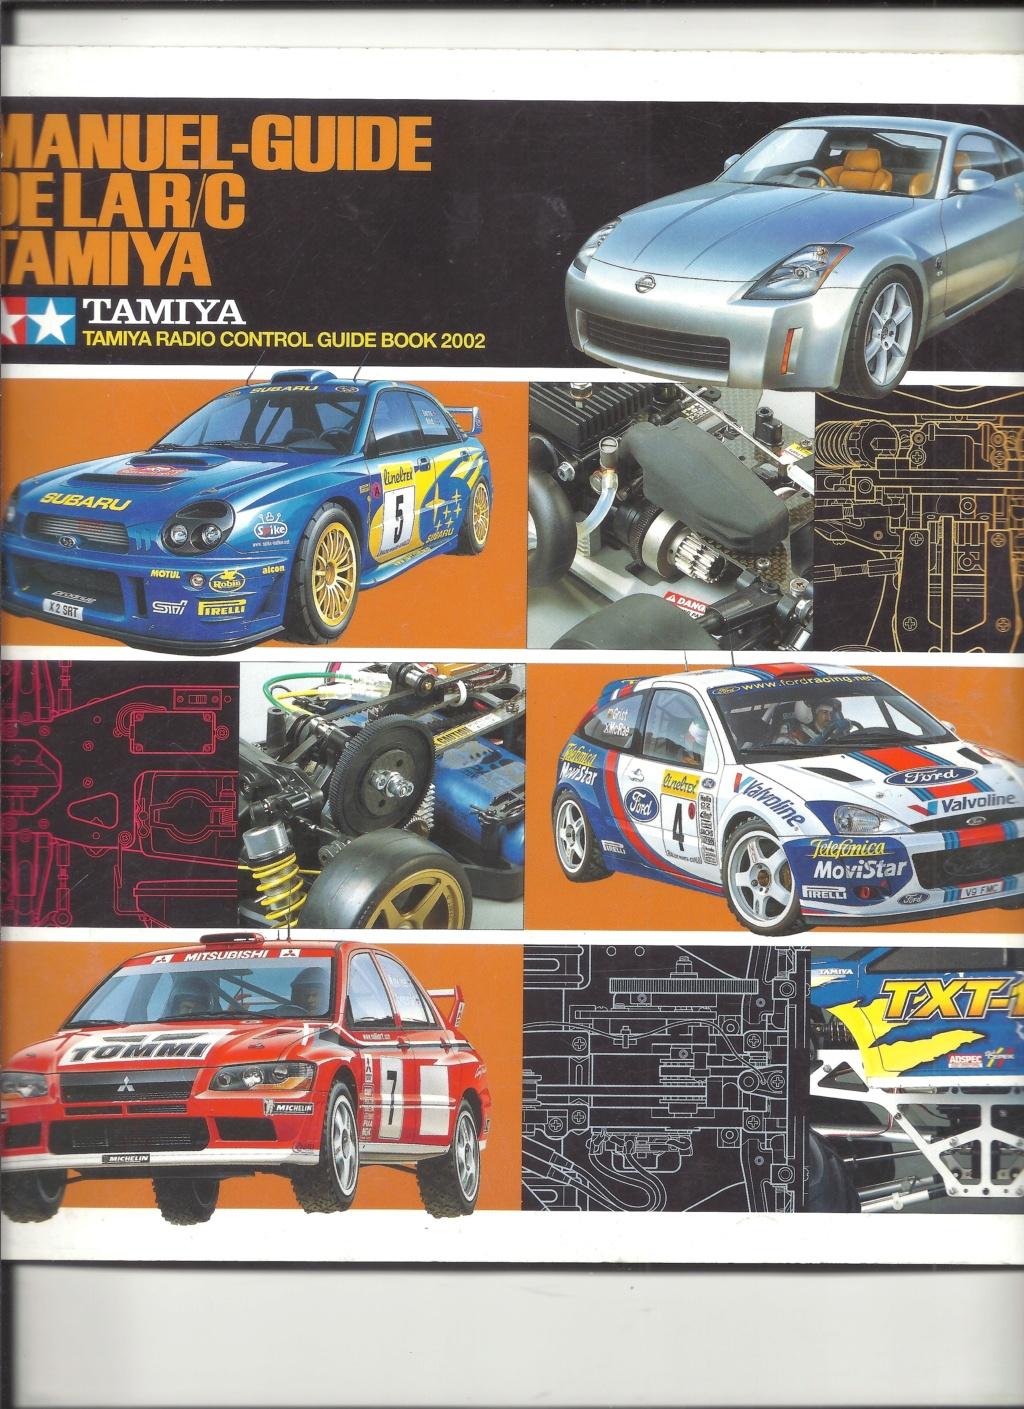 les achats de Jacques - Page 40 Numzor30